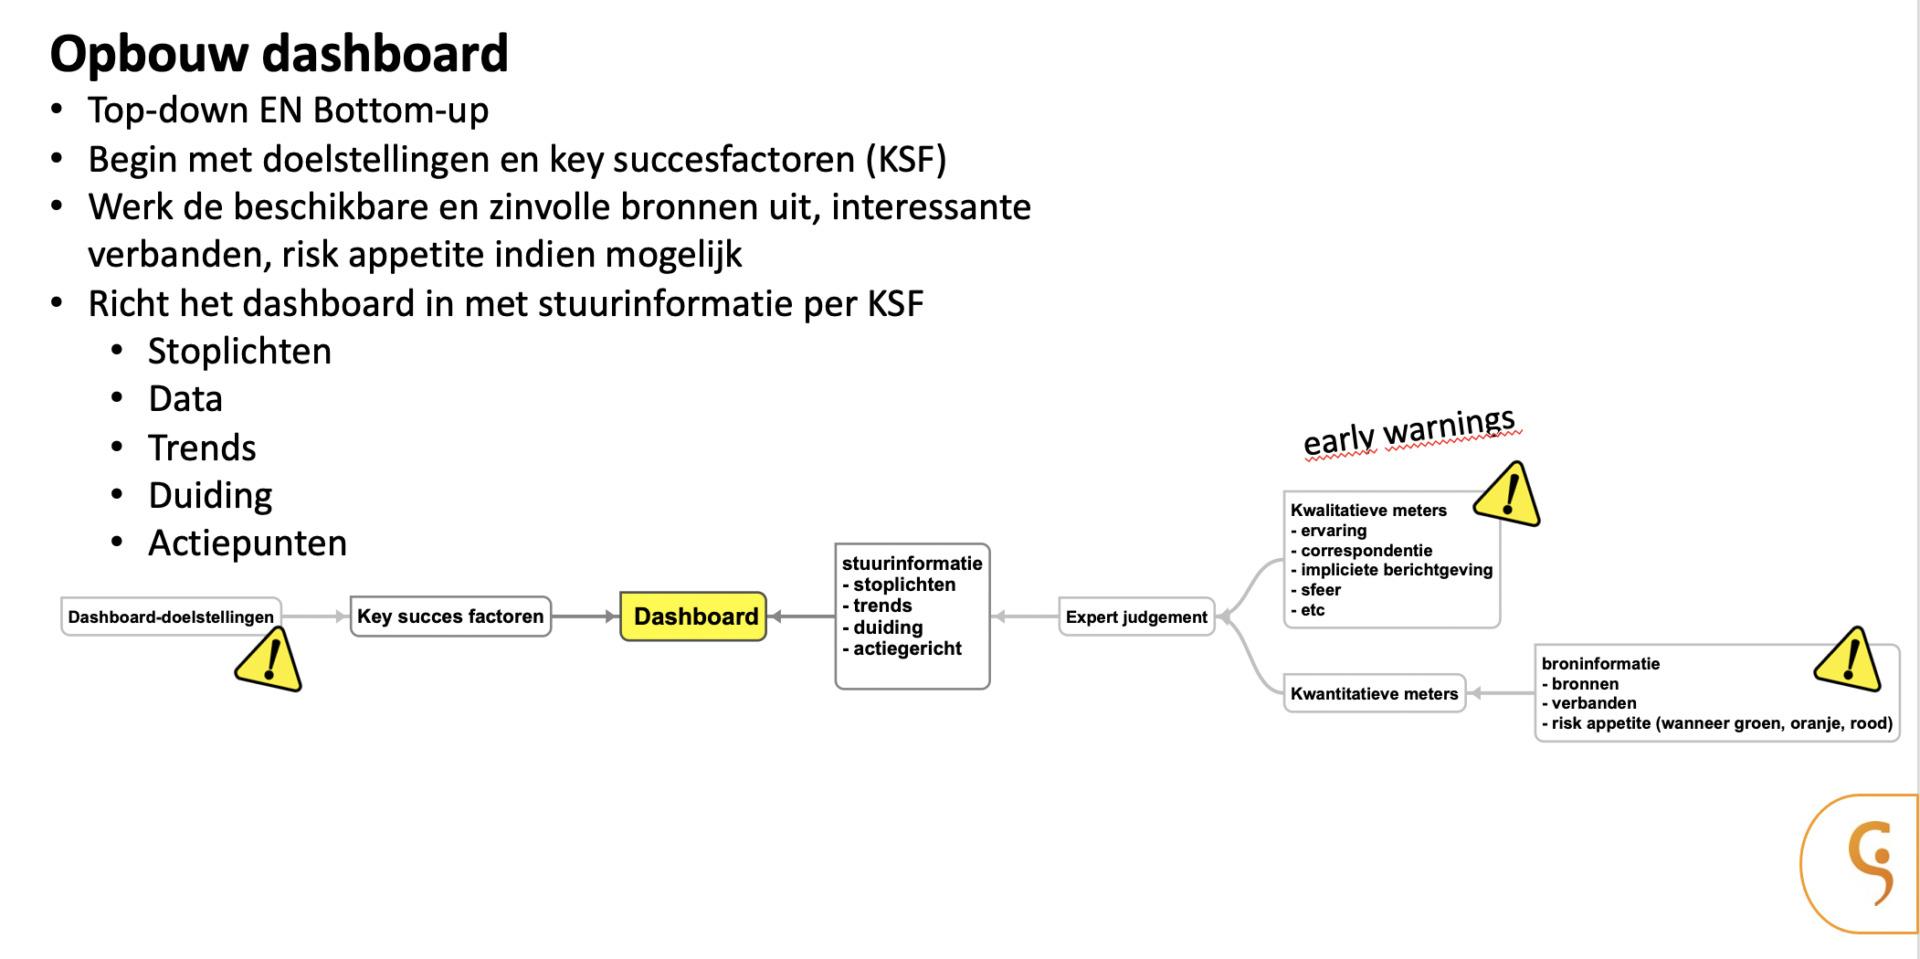 Masterclass - Effectief sturen in projecten met dashboards - Opbouw dashboard - Cratos.jpg Consulting.nl